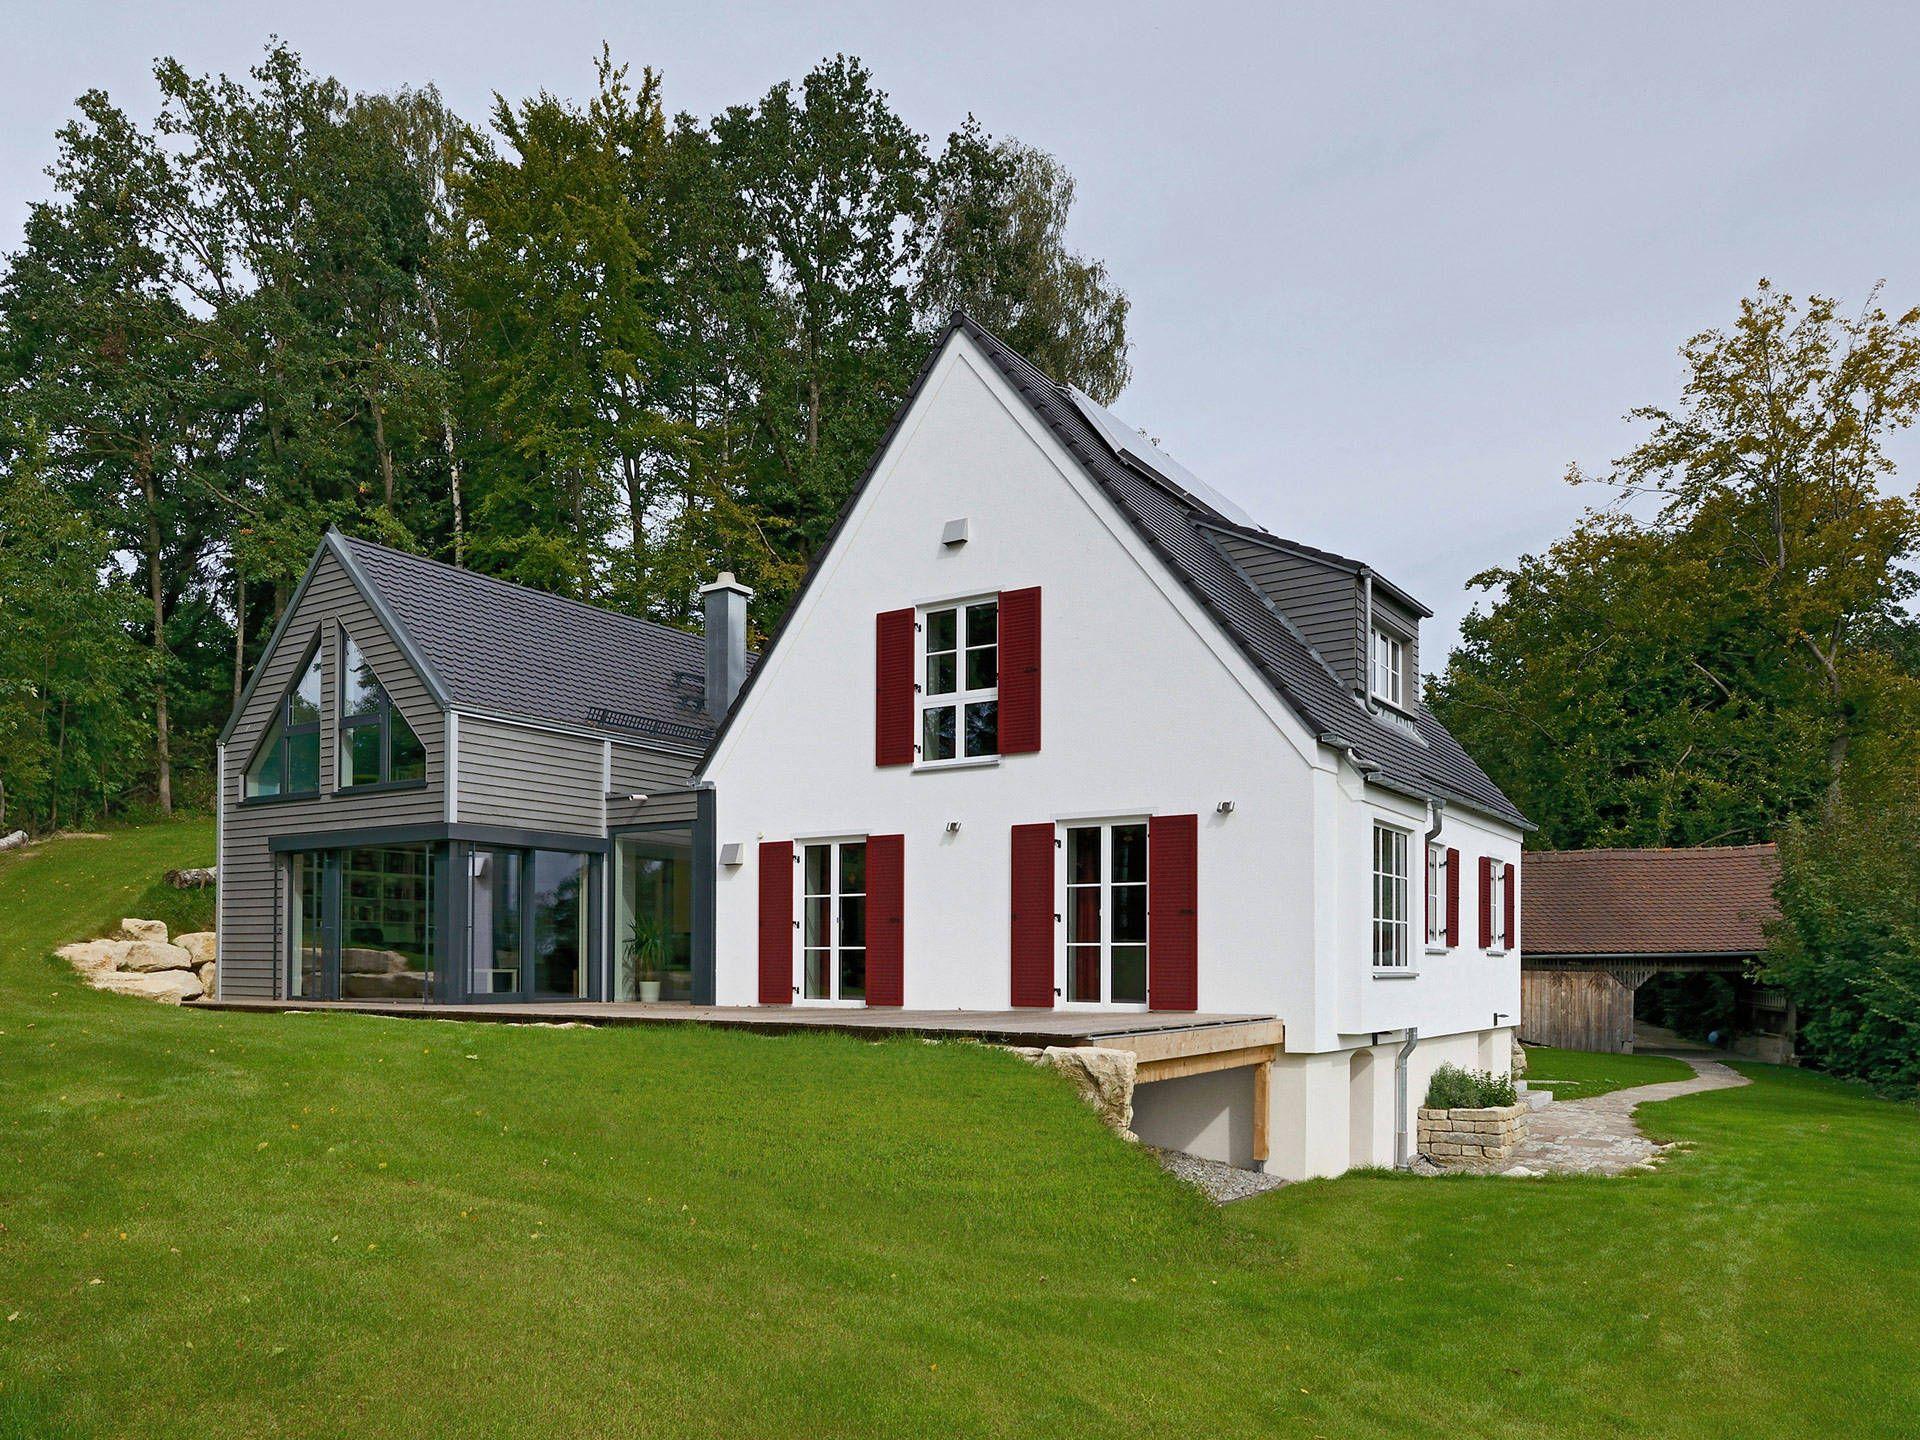 Haus Rothermel Baufritz Haus, Baufritz und Style at home